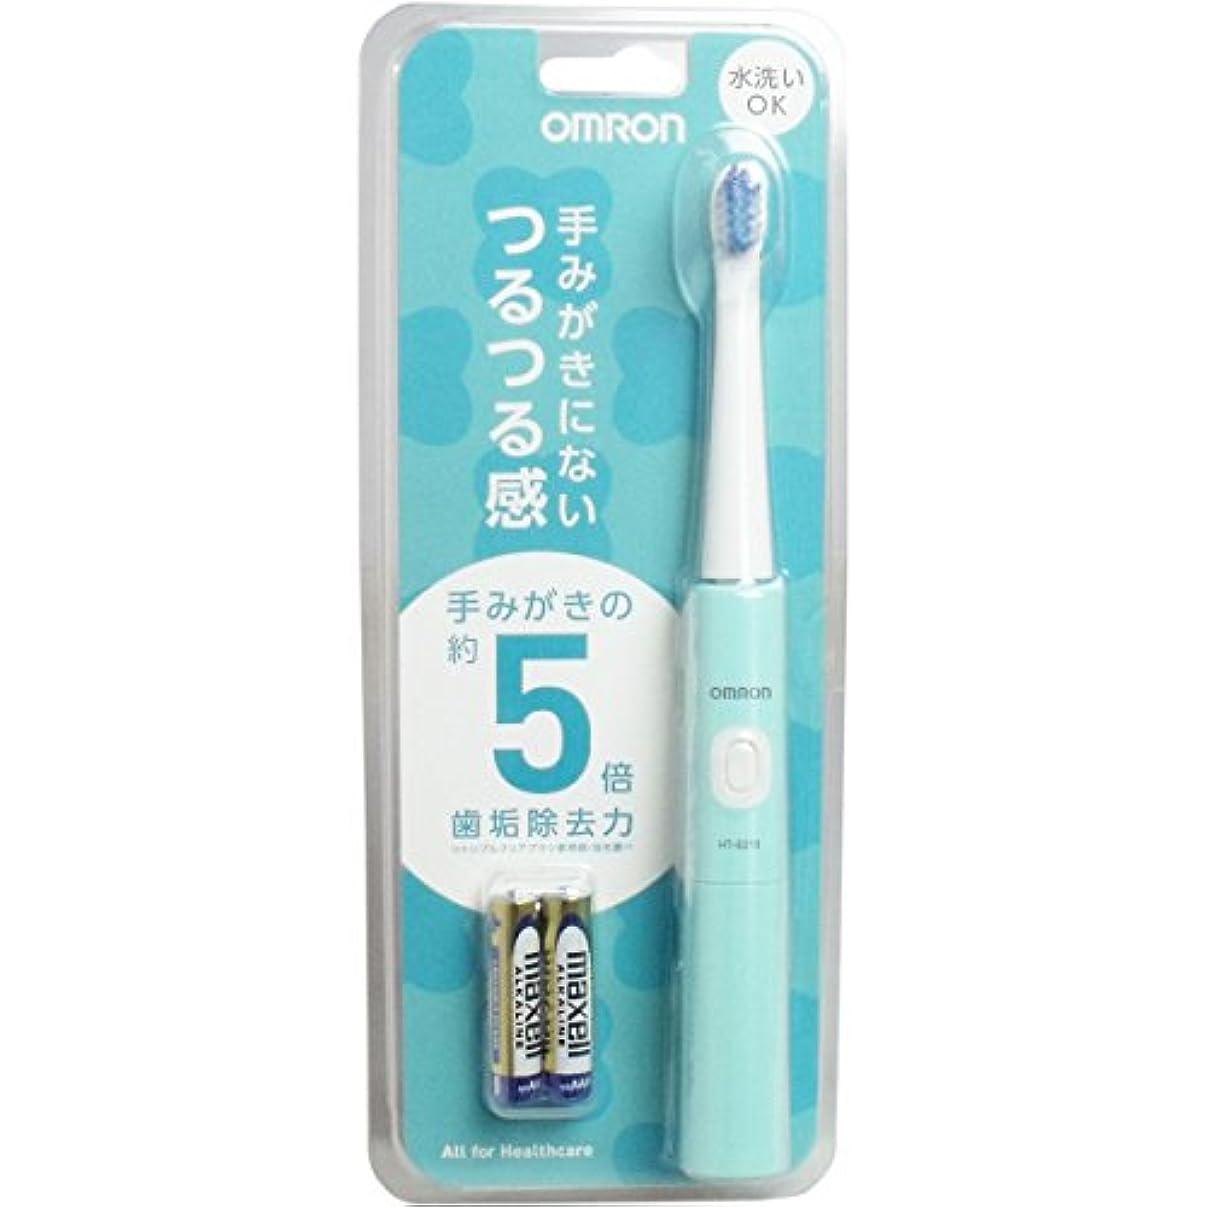 ユーモア細いと組むオムロンヘルスケア 音波式電動歯ブラシ ミントグリーン HT-B210-G